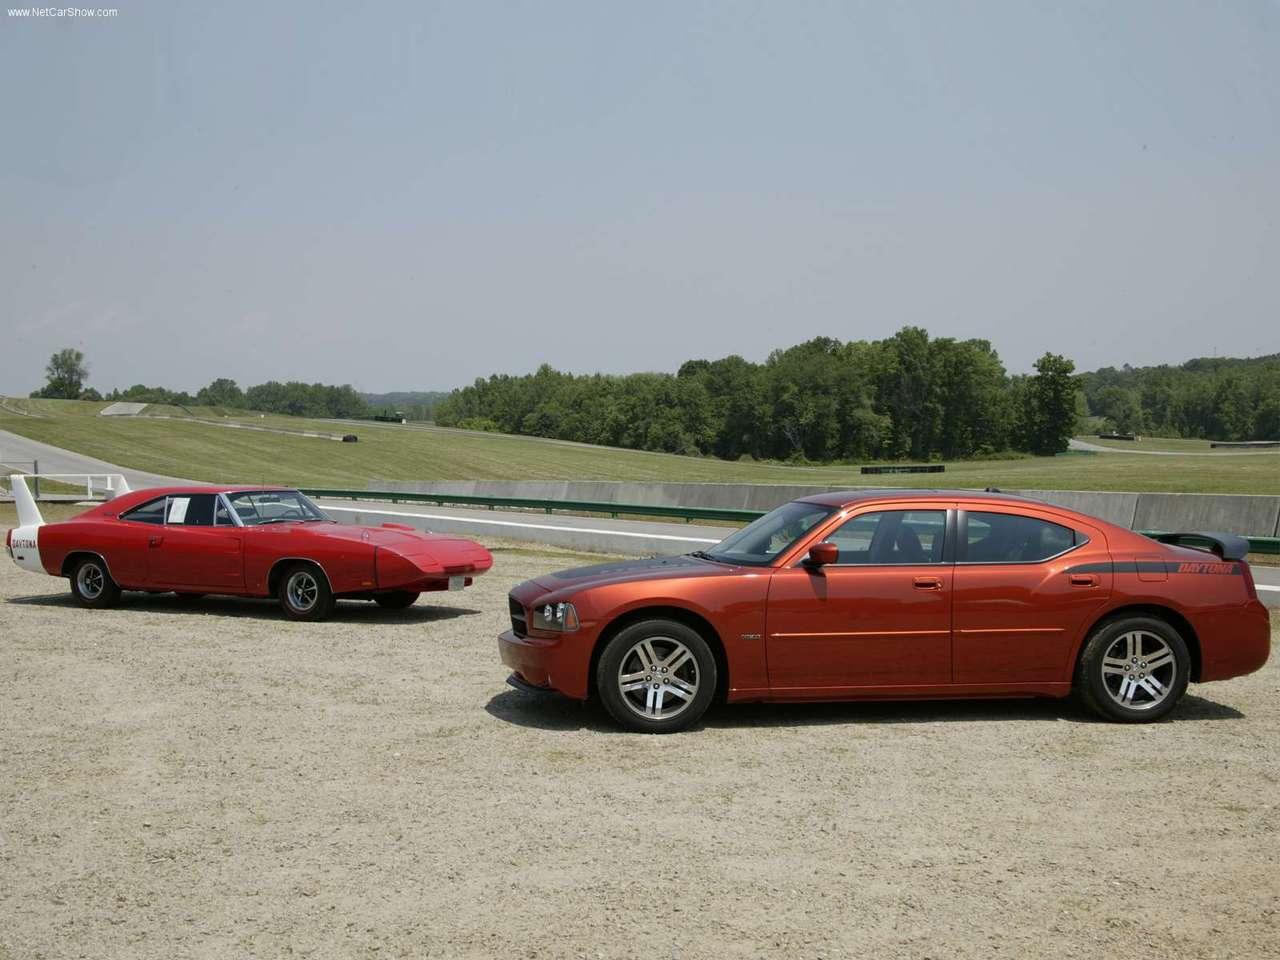 http://1.bp.blogspot.com/-XrSblTqXcYs/TXN_N678EVI/AAAAAAAADTE/8LChJ4GSciQ/s1600/Dodge-Charger_Daytona_RT_2006_1280x960_wallpaper_06.jpg